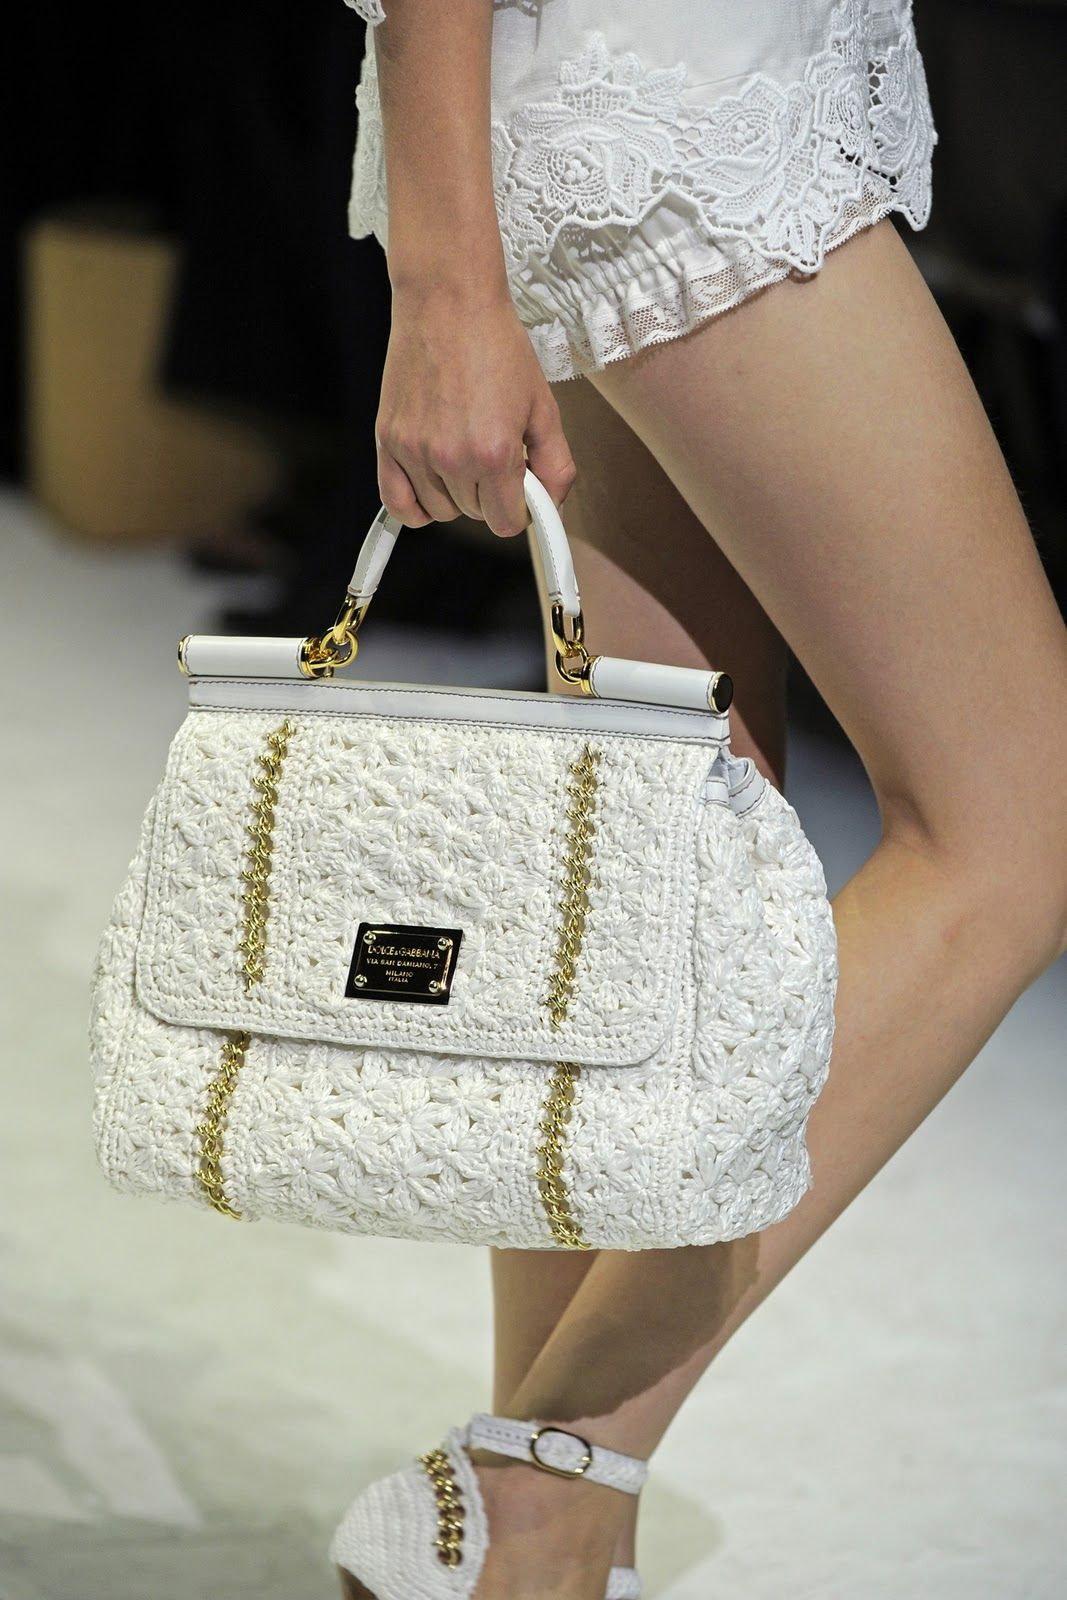 Dolce & Gabbana, Spring Summer 2011. Crocheted Handbag